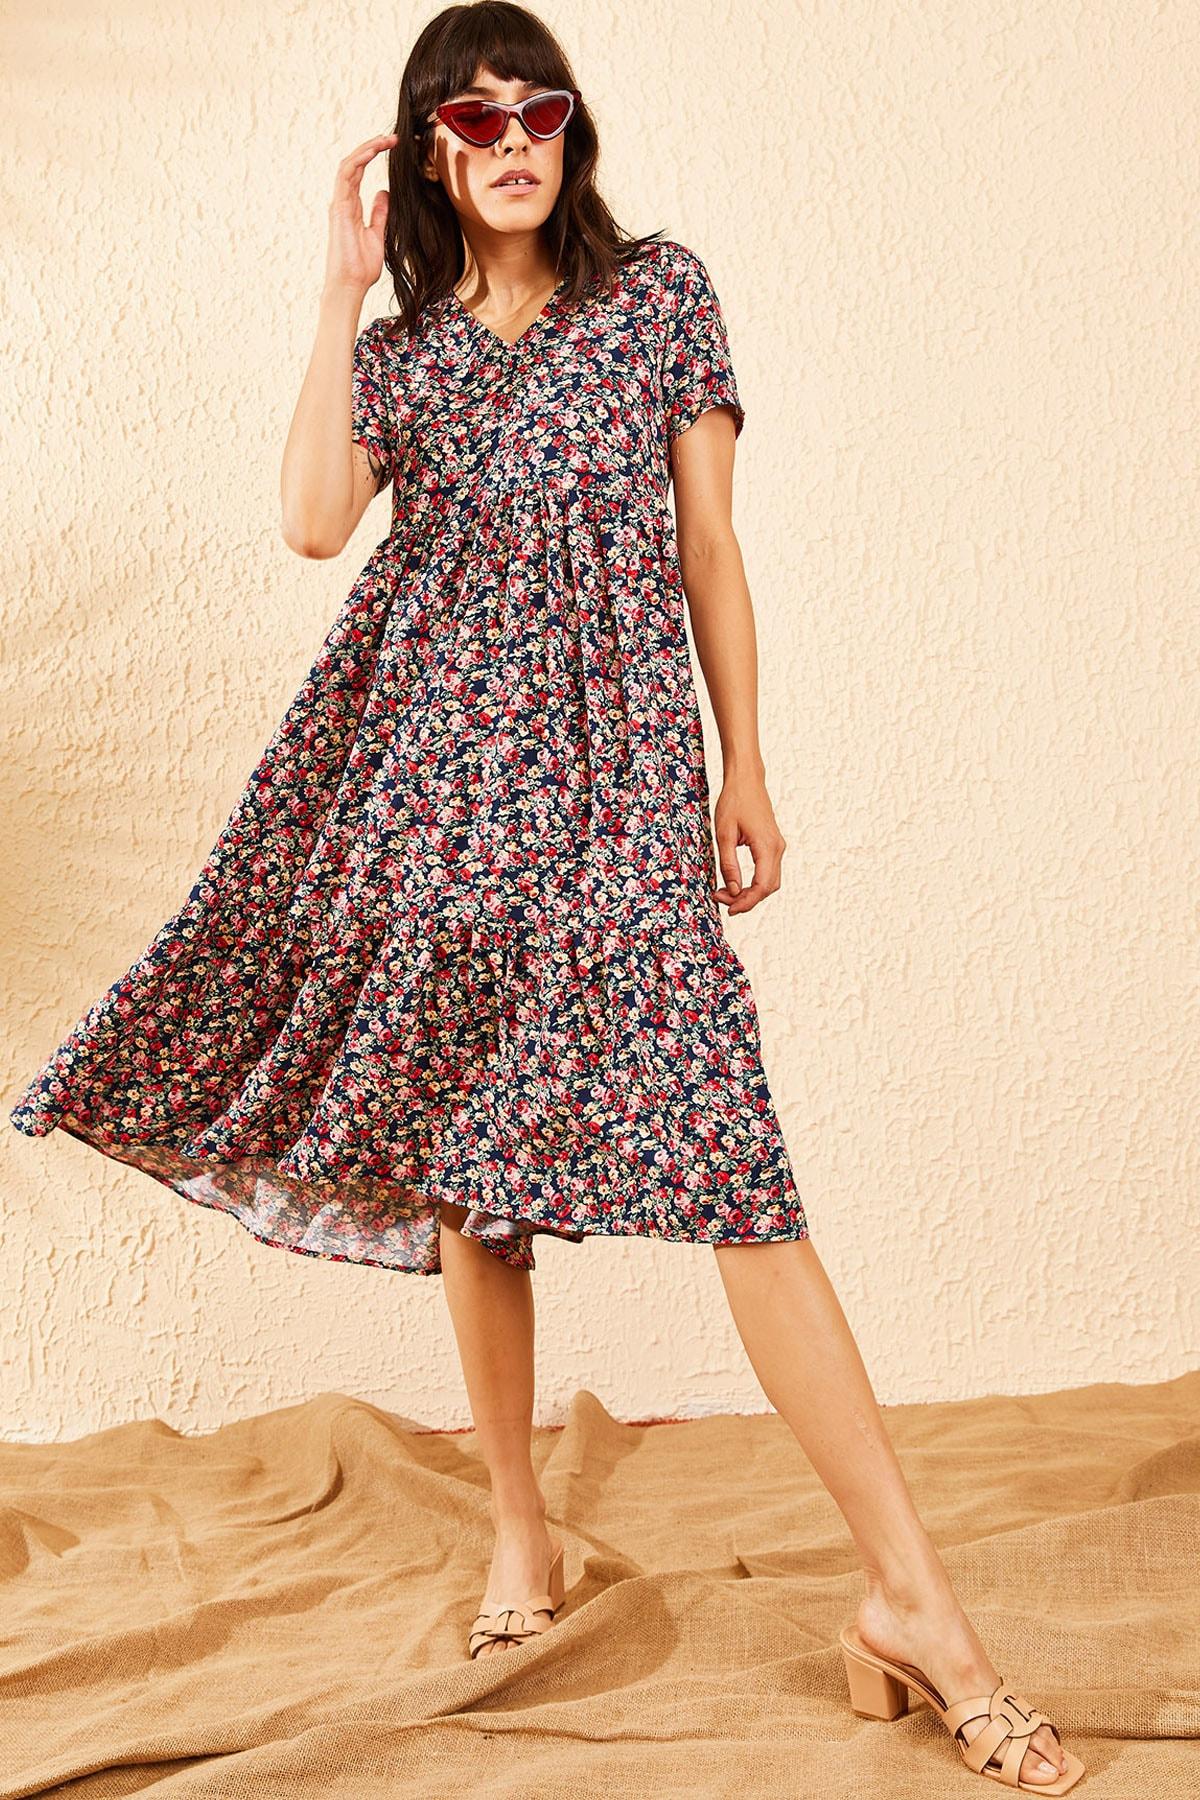 Bianco Lucci Kadın Lacivert Beli Lastikli V Yaka Eteği Fırfırlı Kloş Elbise 10091007 2